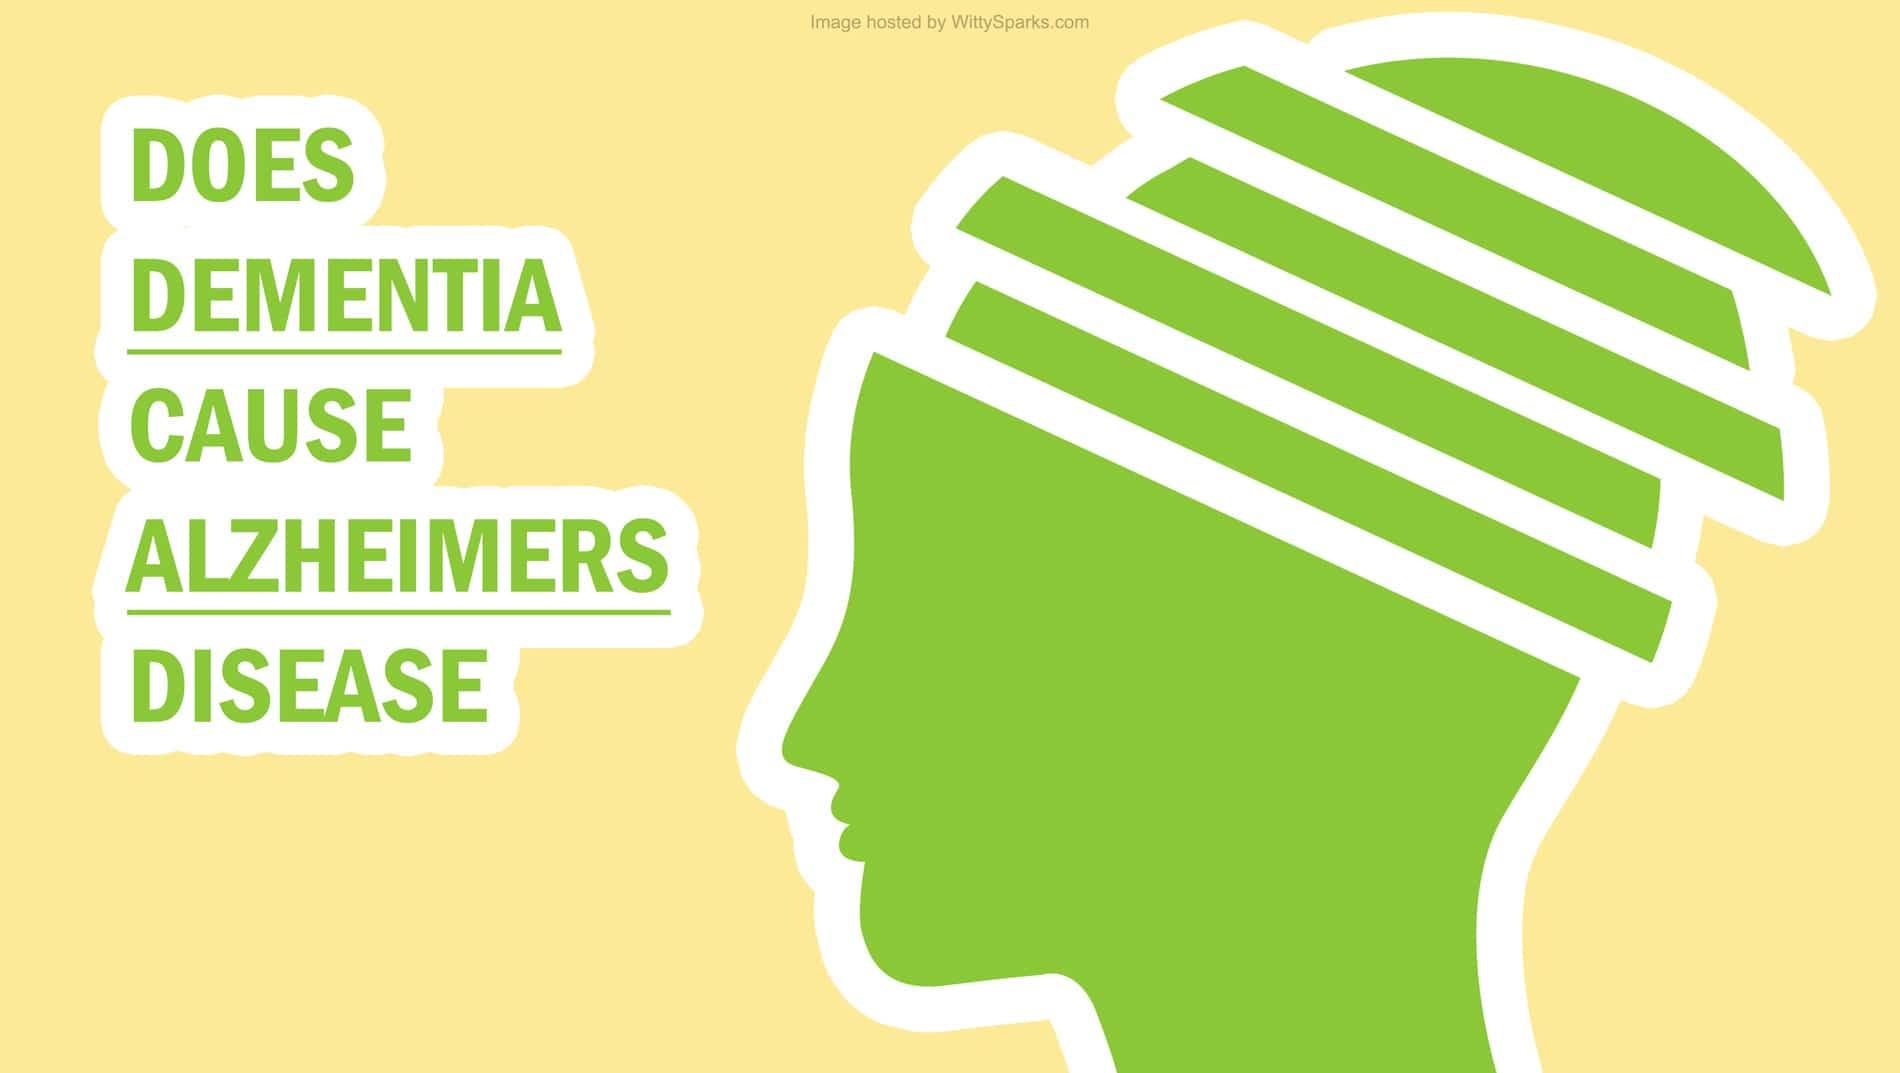 Dementia Alzheimers Disease